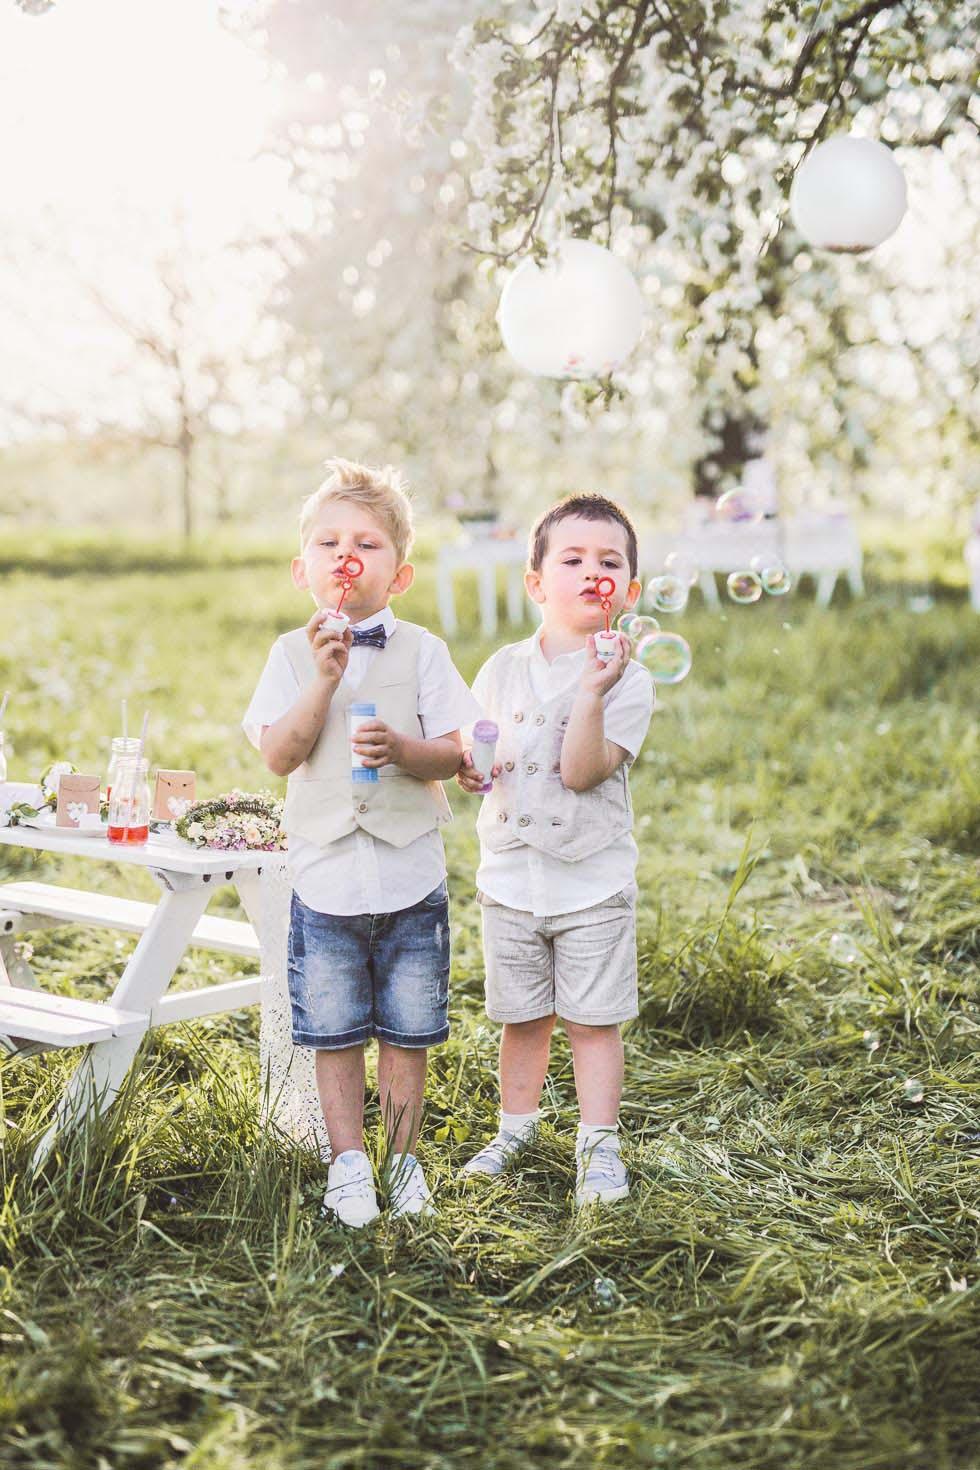 Spielecke Kinderbetreuung Hochzeit